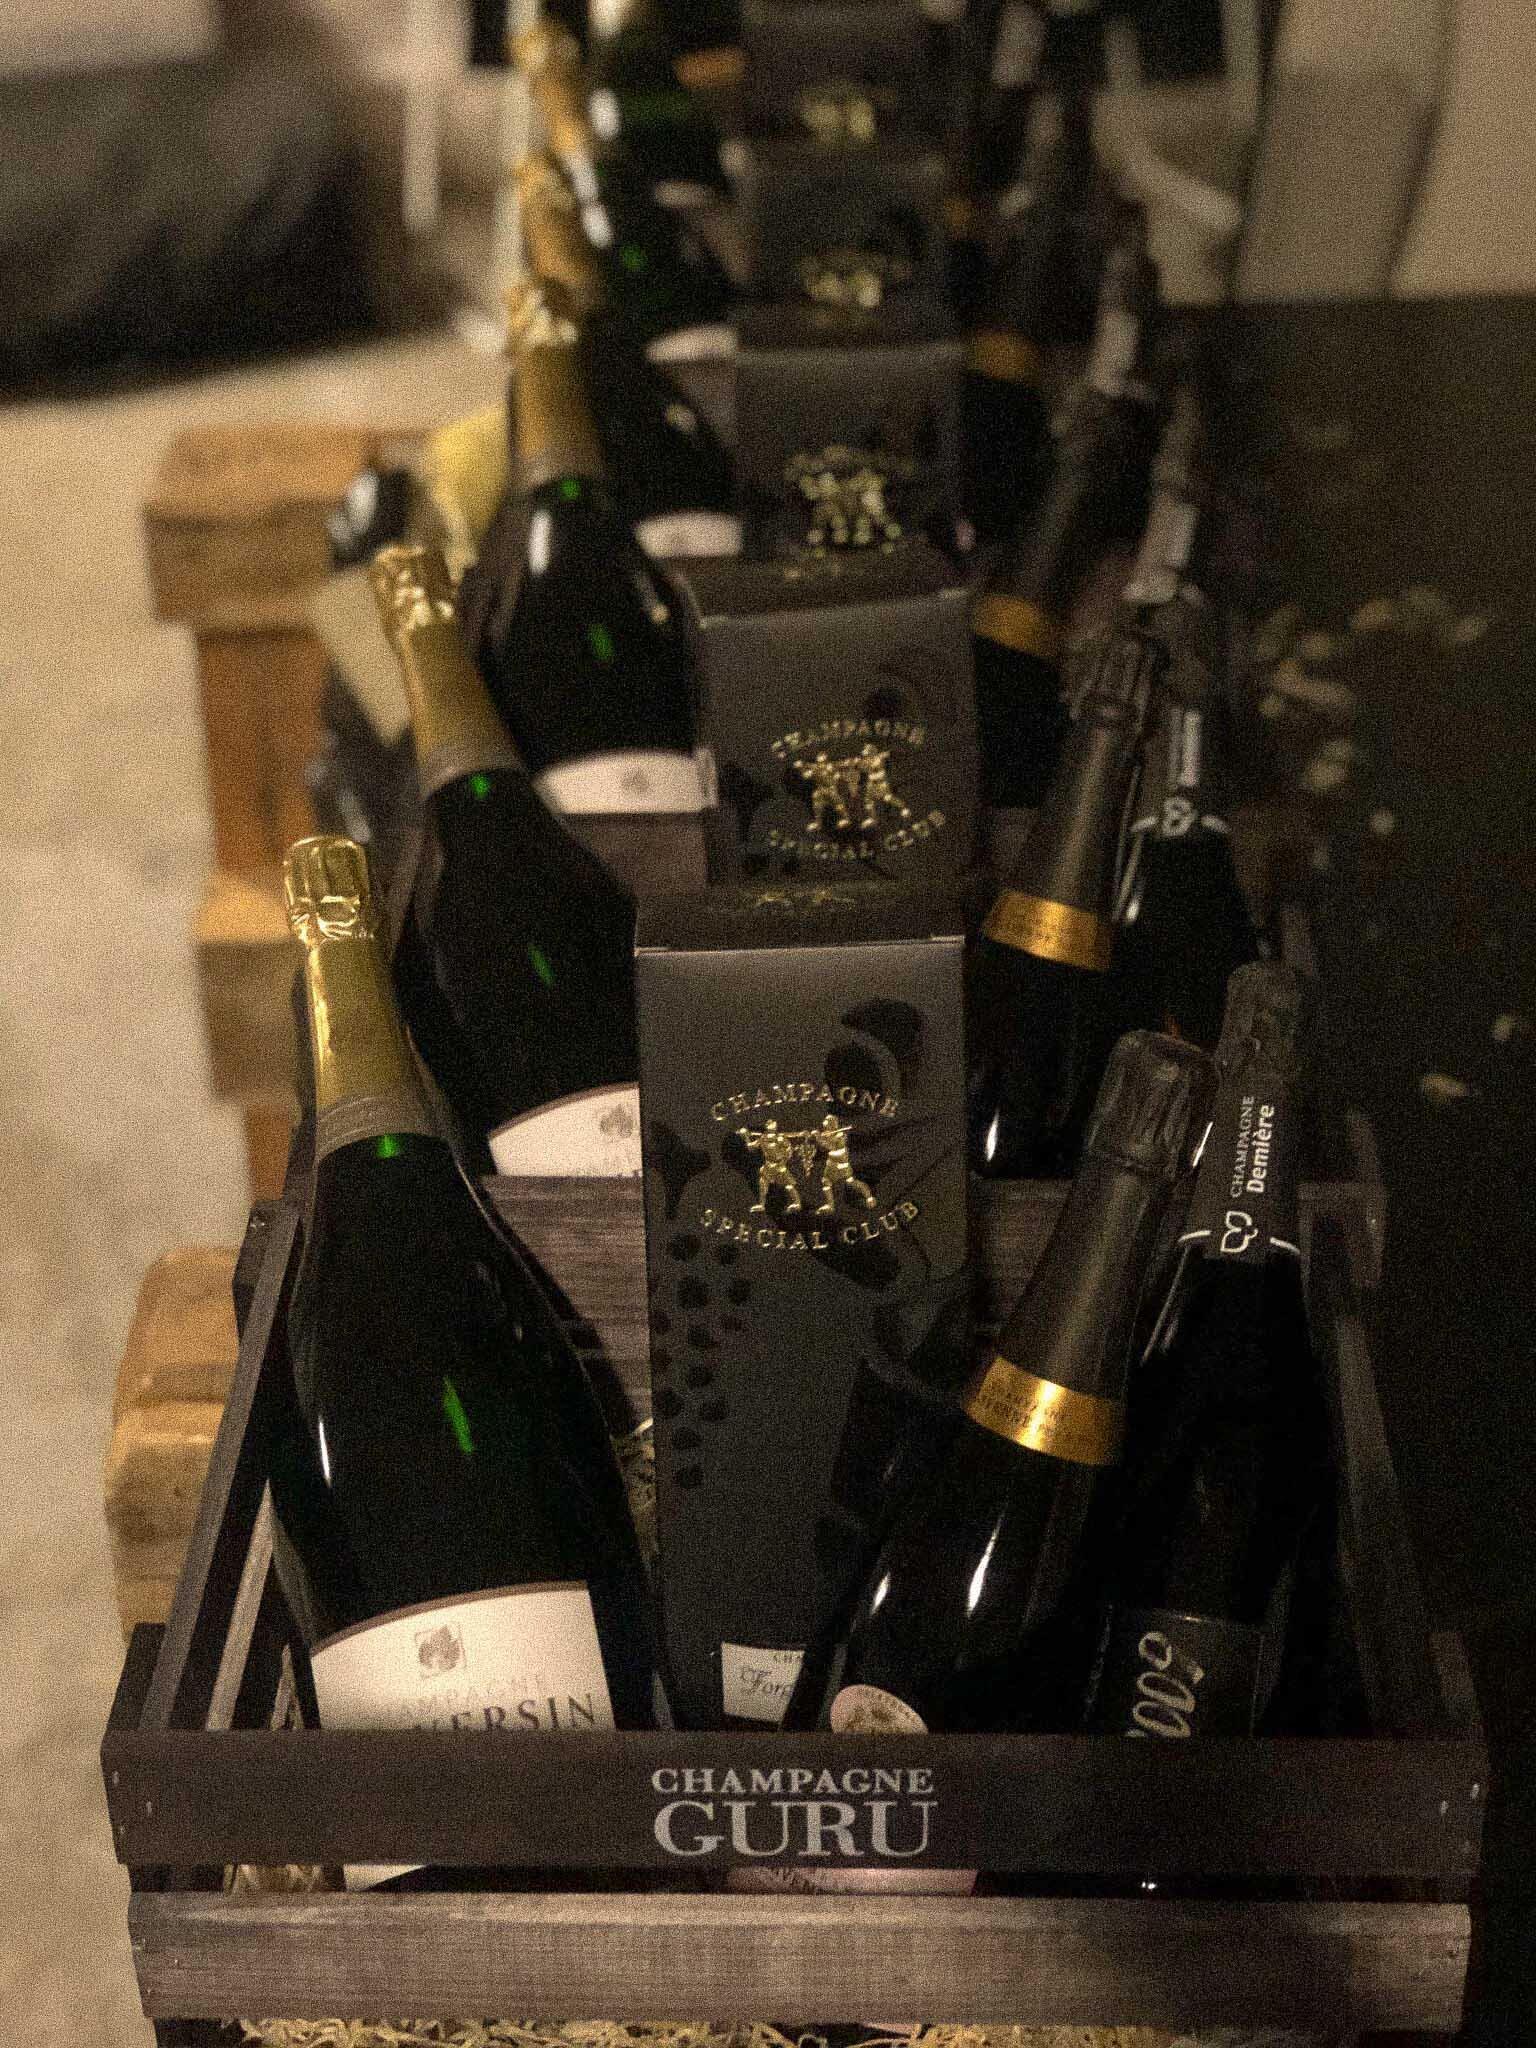 Luksus Firmagaver - En gavekurv vækker glæde hos alle, specielt hvis det er champagne! Søger du en original og udsøgt gave til én, du holder af, eller til dine medarbejdere, kan du trygt bestille vores luksus gavekurv. Kontakt os og vi kan lave en eksklusiv gavekurv til alle tænkelige lejligheder. Champagne Guru har franske gavekurve med kvalitetsprodukter af egen import og med stor originalitet, da vi selv importerer vine og delikatesser fra Frankrig. Vi garanterer et kvalitetsprodukt udover det sædvanlige.